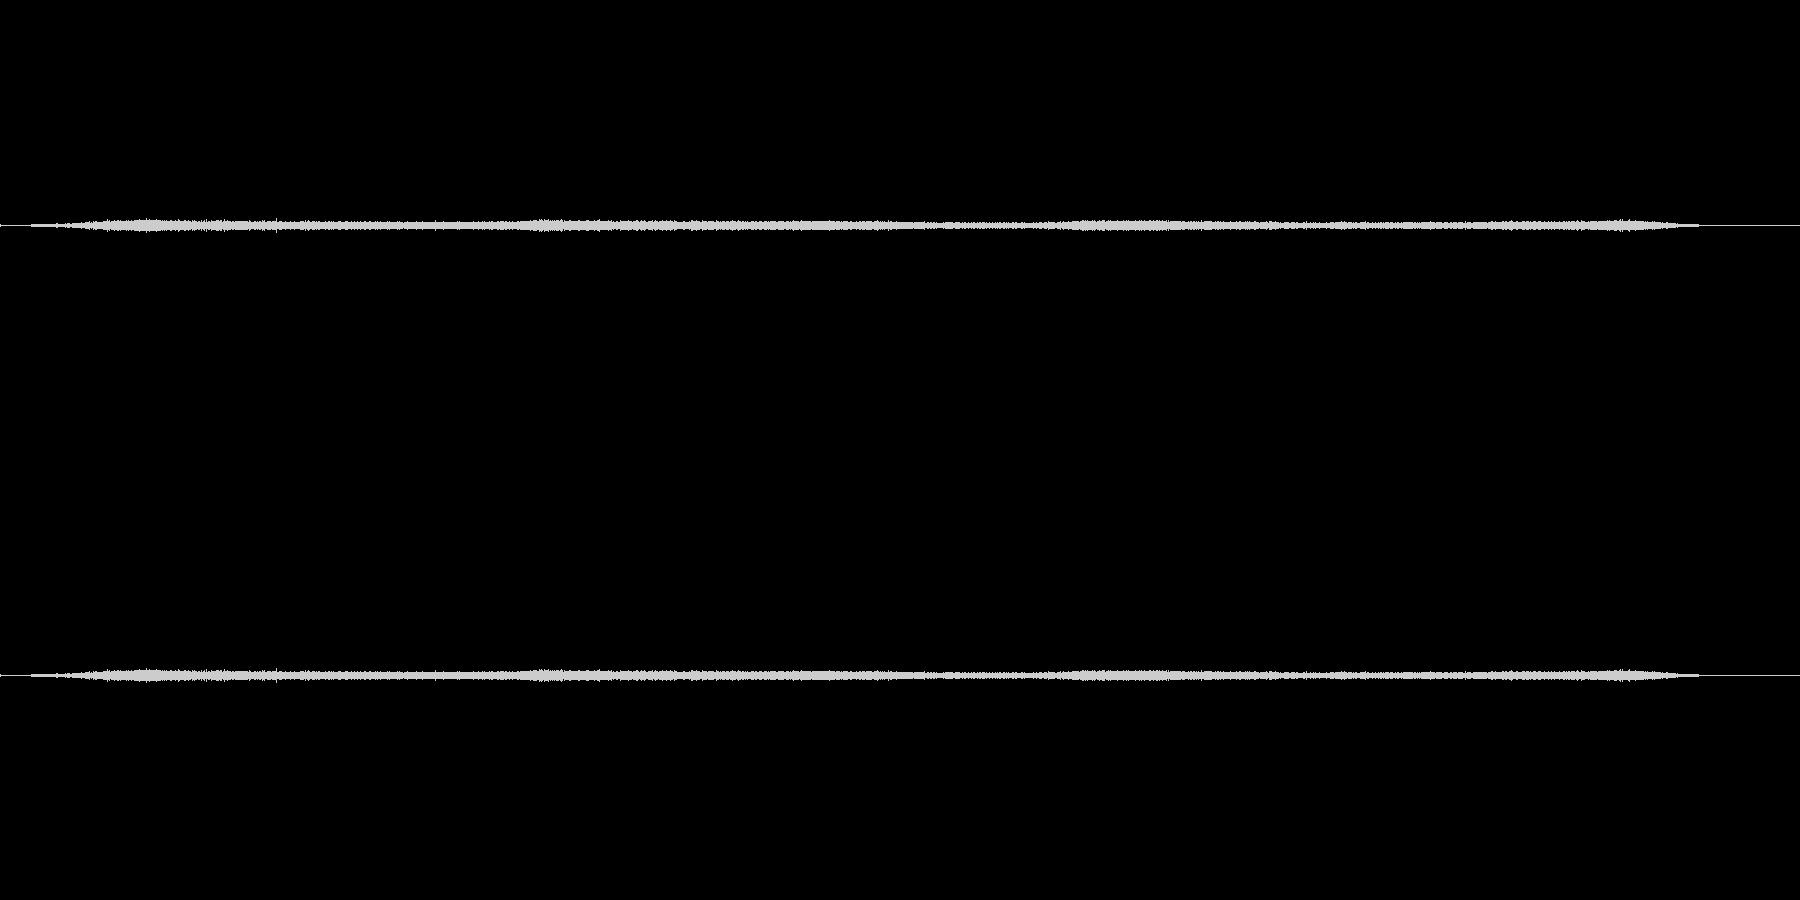 風2 3の未再生の波形